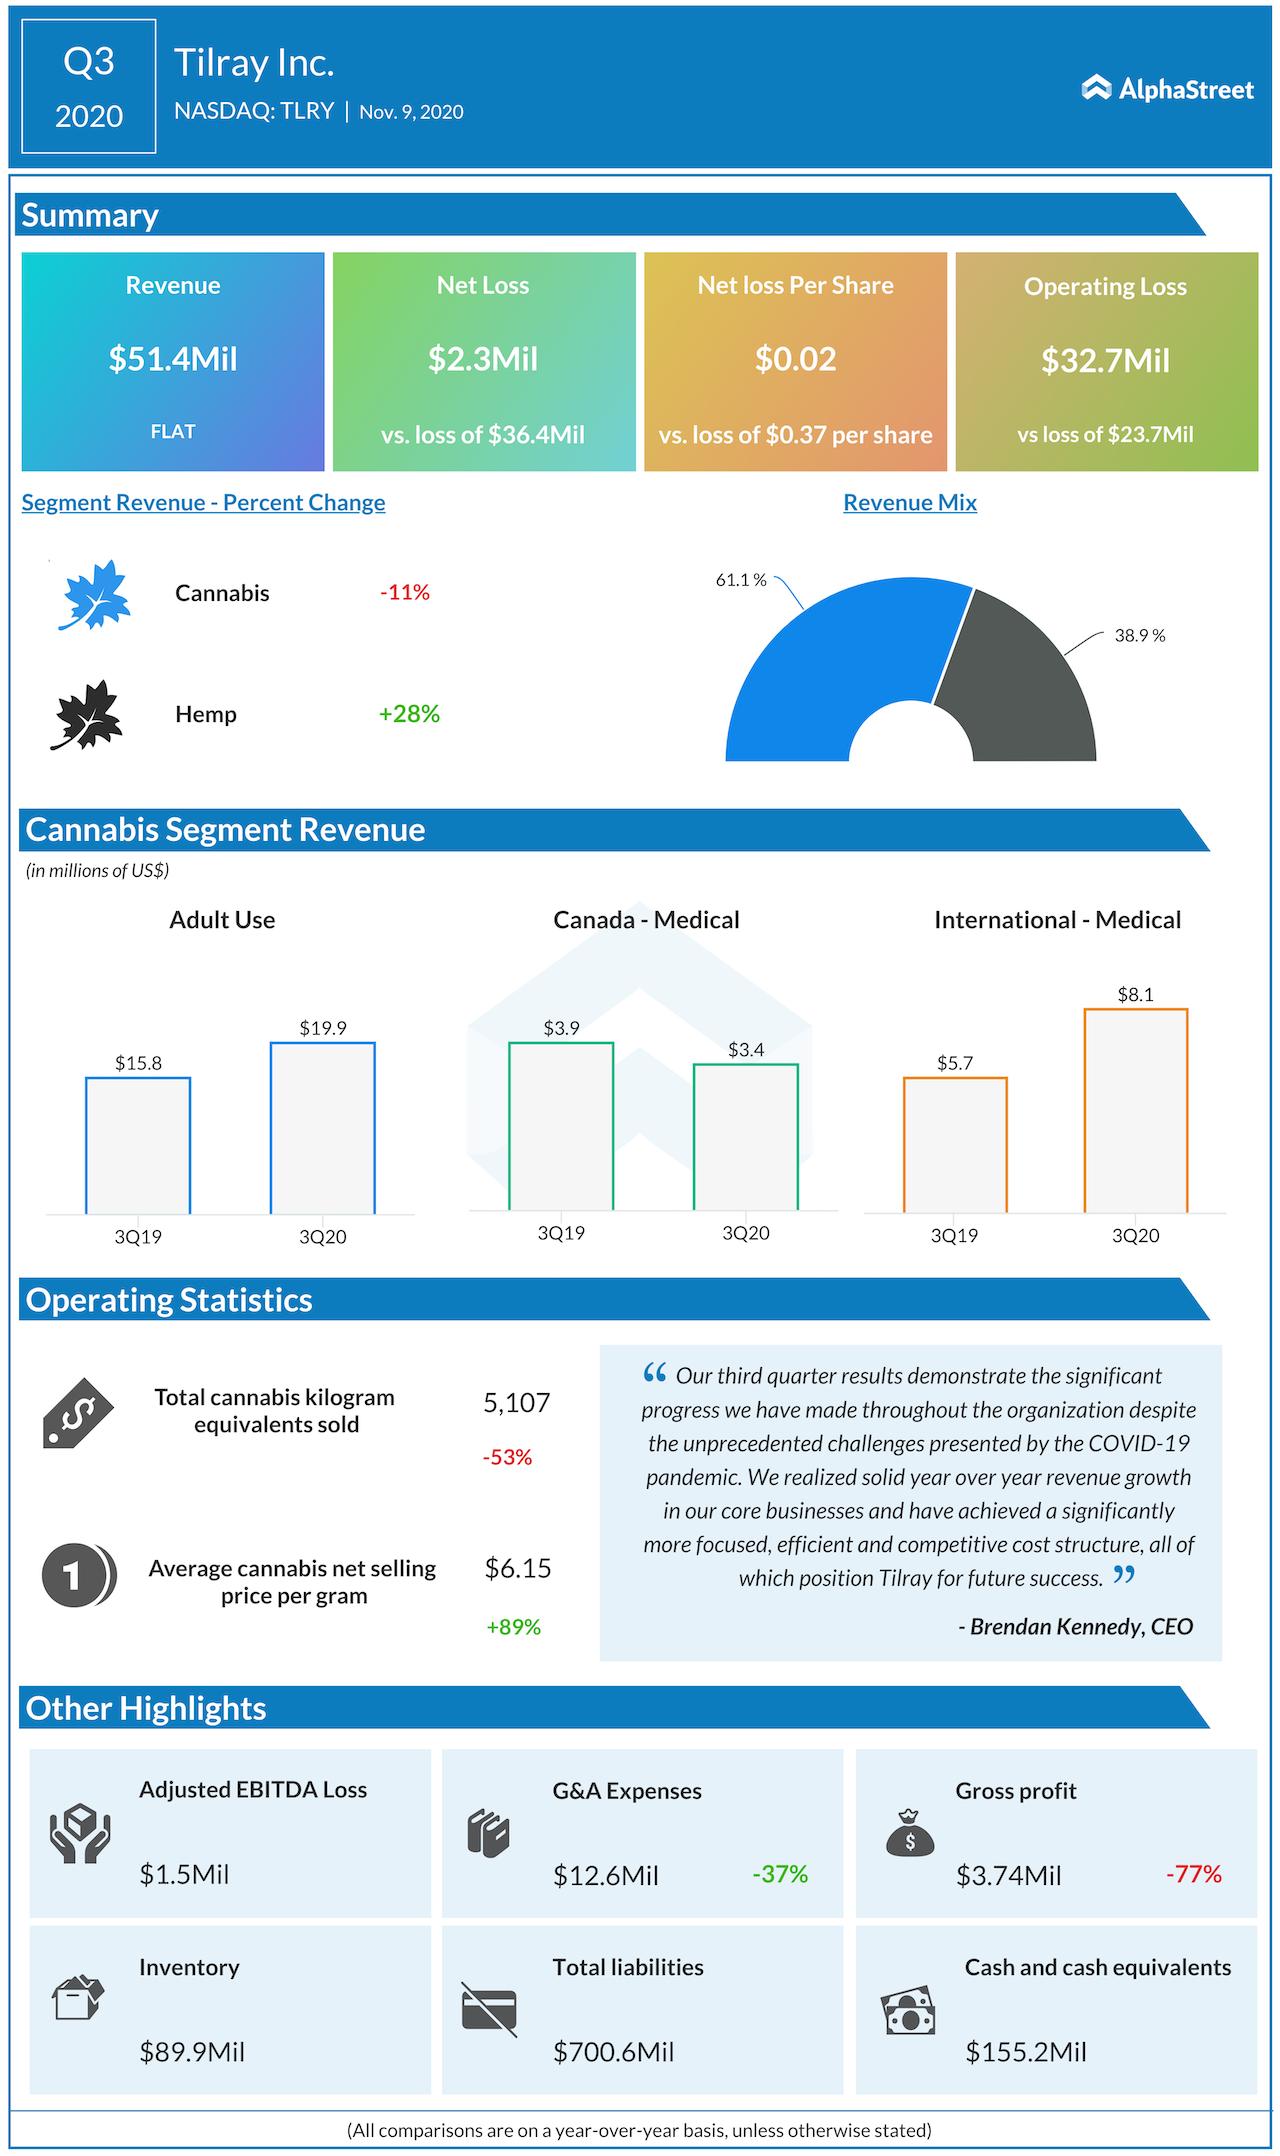 Tilray Q3 2020 earnings infographic